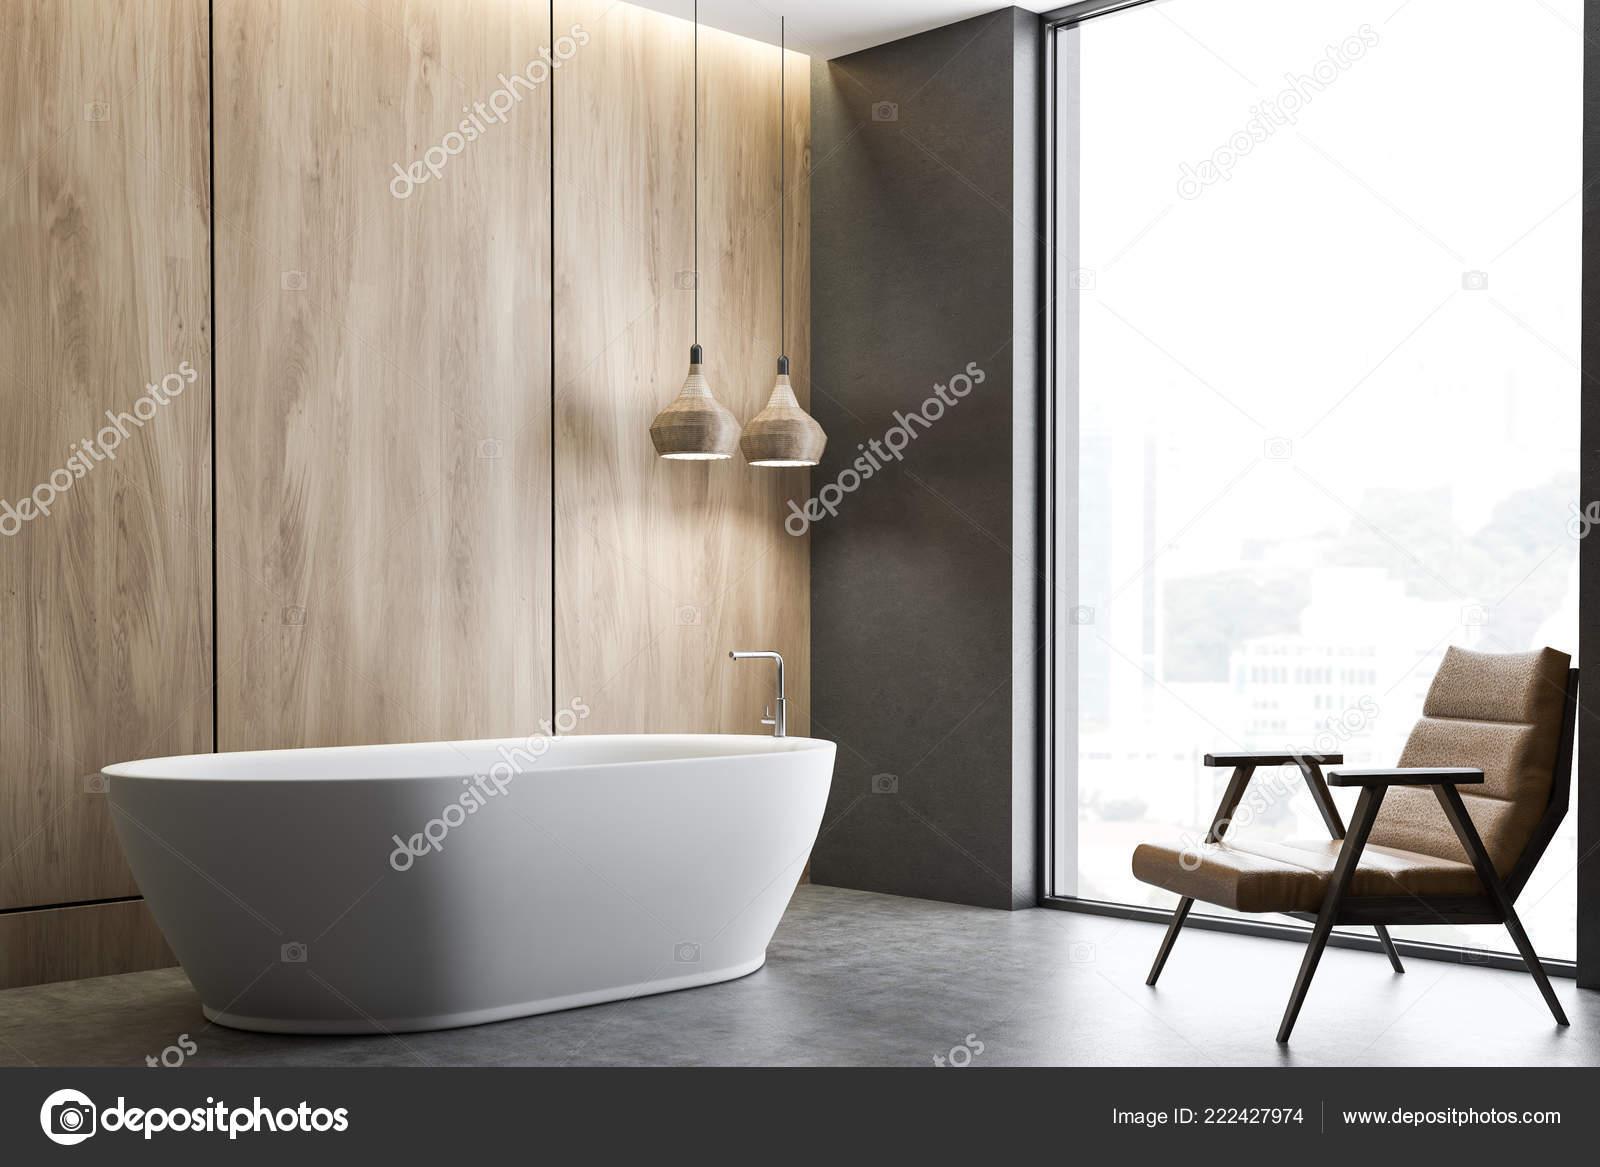 Vasca Da Lavare In Cemento : Angolo bagno con pareti legno pavimento cemento vasca bagno bianca